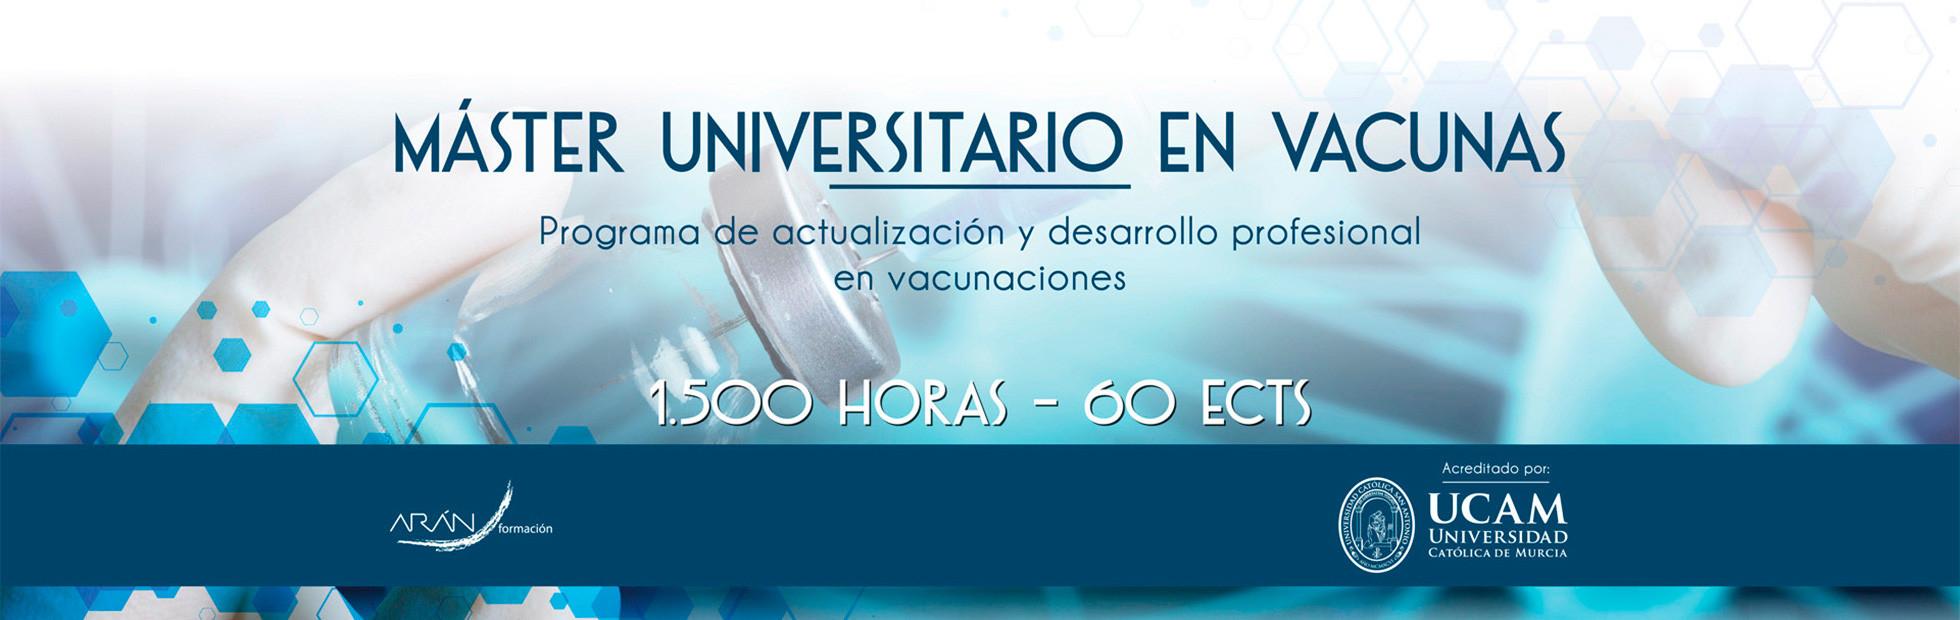 Máster Universitario en Vacunas